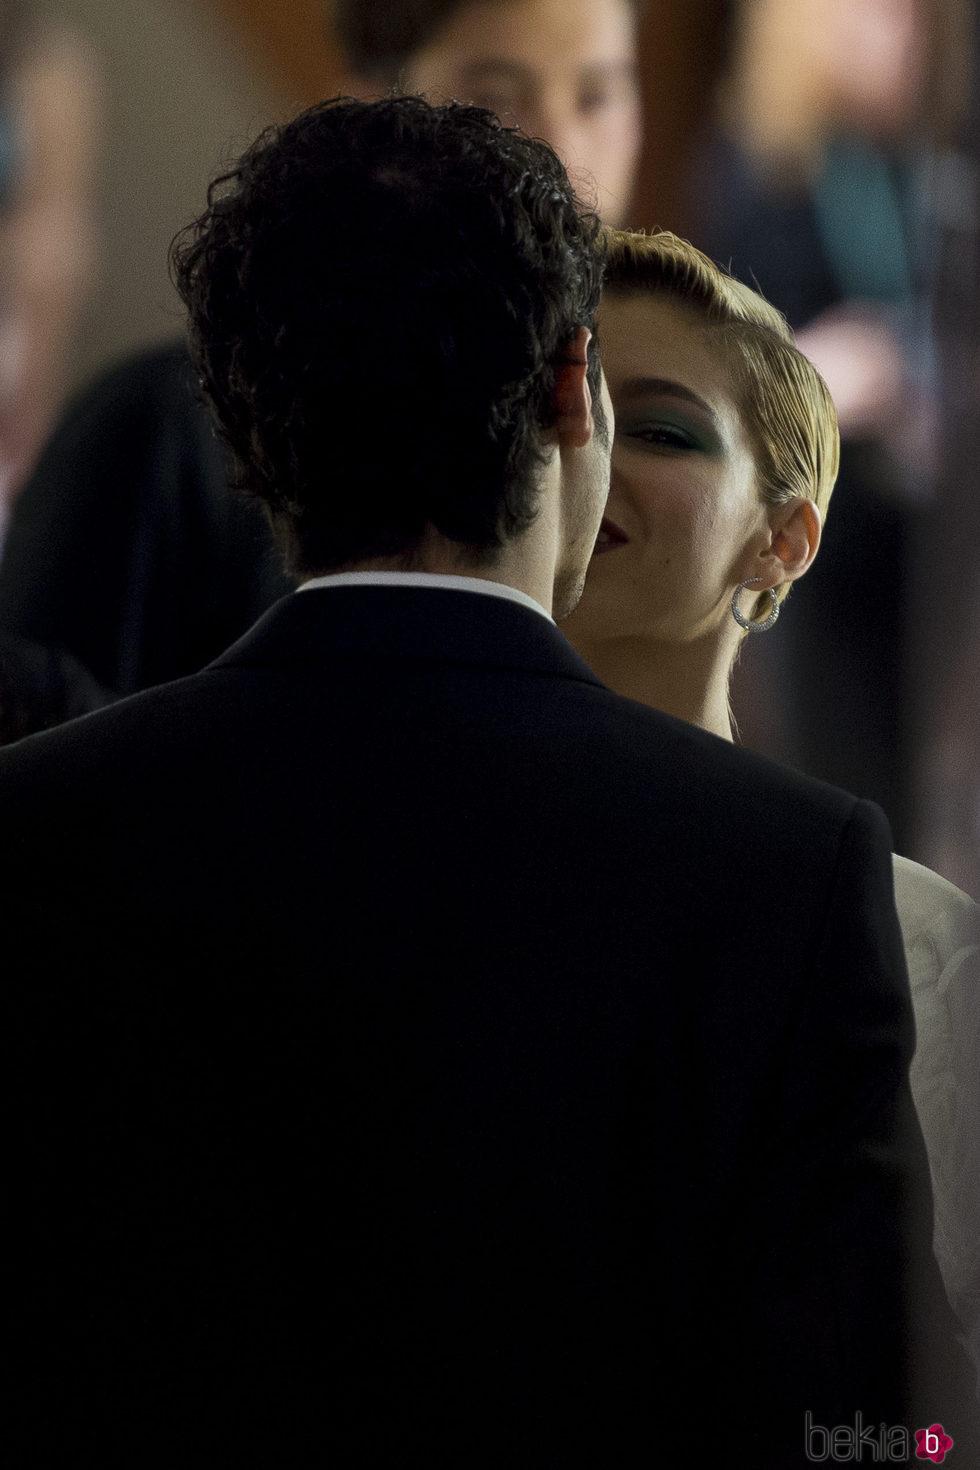 Úrsula Corberó y Chino Darín besándose en el Festival de cine de San Sebastián 2017